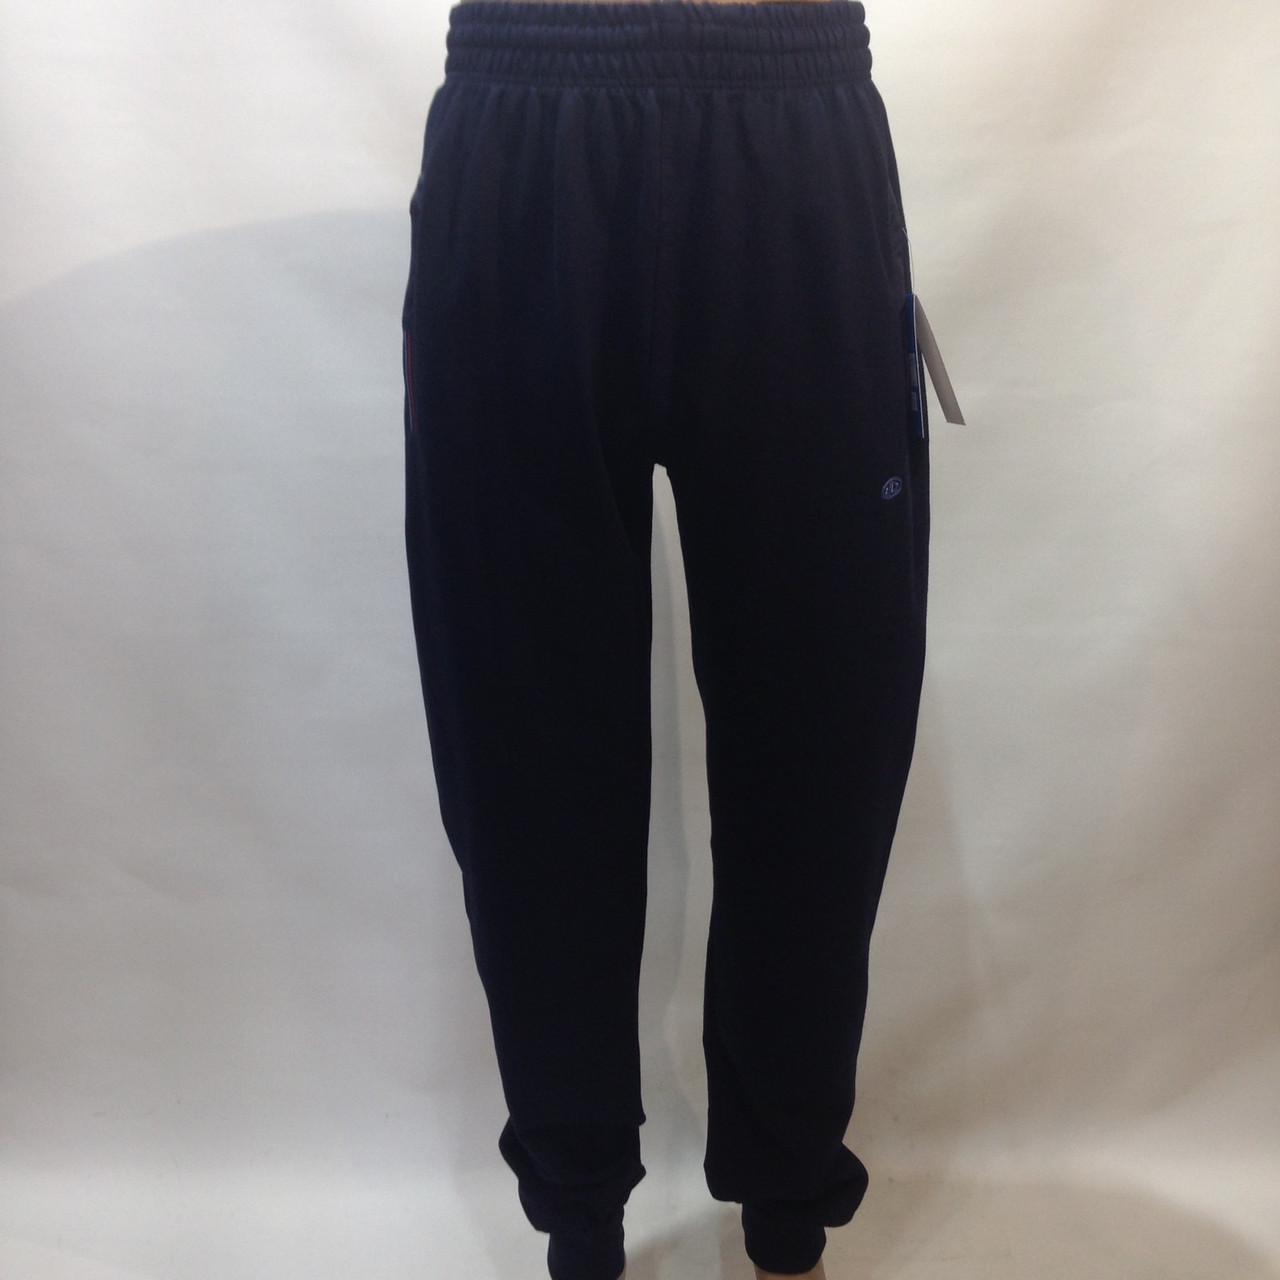 Спортивные штаны (больших размеров) под манжет Billcee xl, 2xl, 3xl, 4xl темно-синие